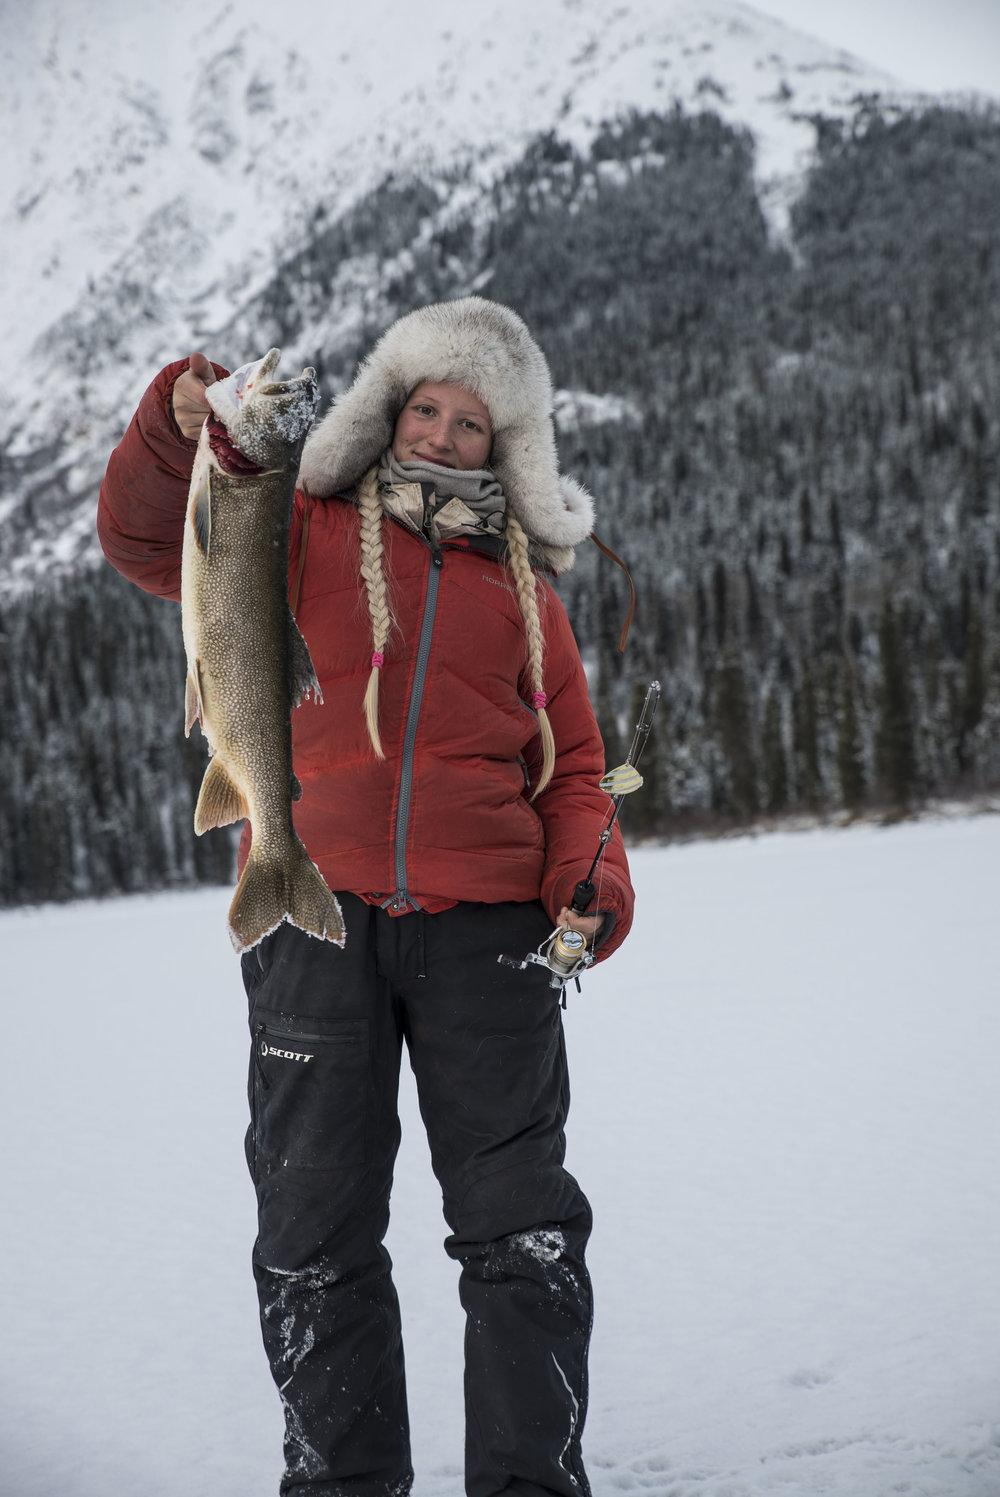 Dunjakken blir brukt til isfiske i -30 grader. Under har jeg jakke, ullgenser og ulltrøye! Jakken er blitt skitten etter mange måneders bruk, men det må man regne med!